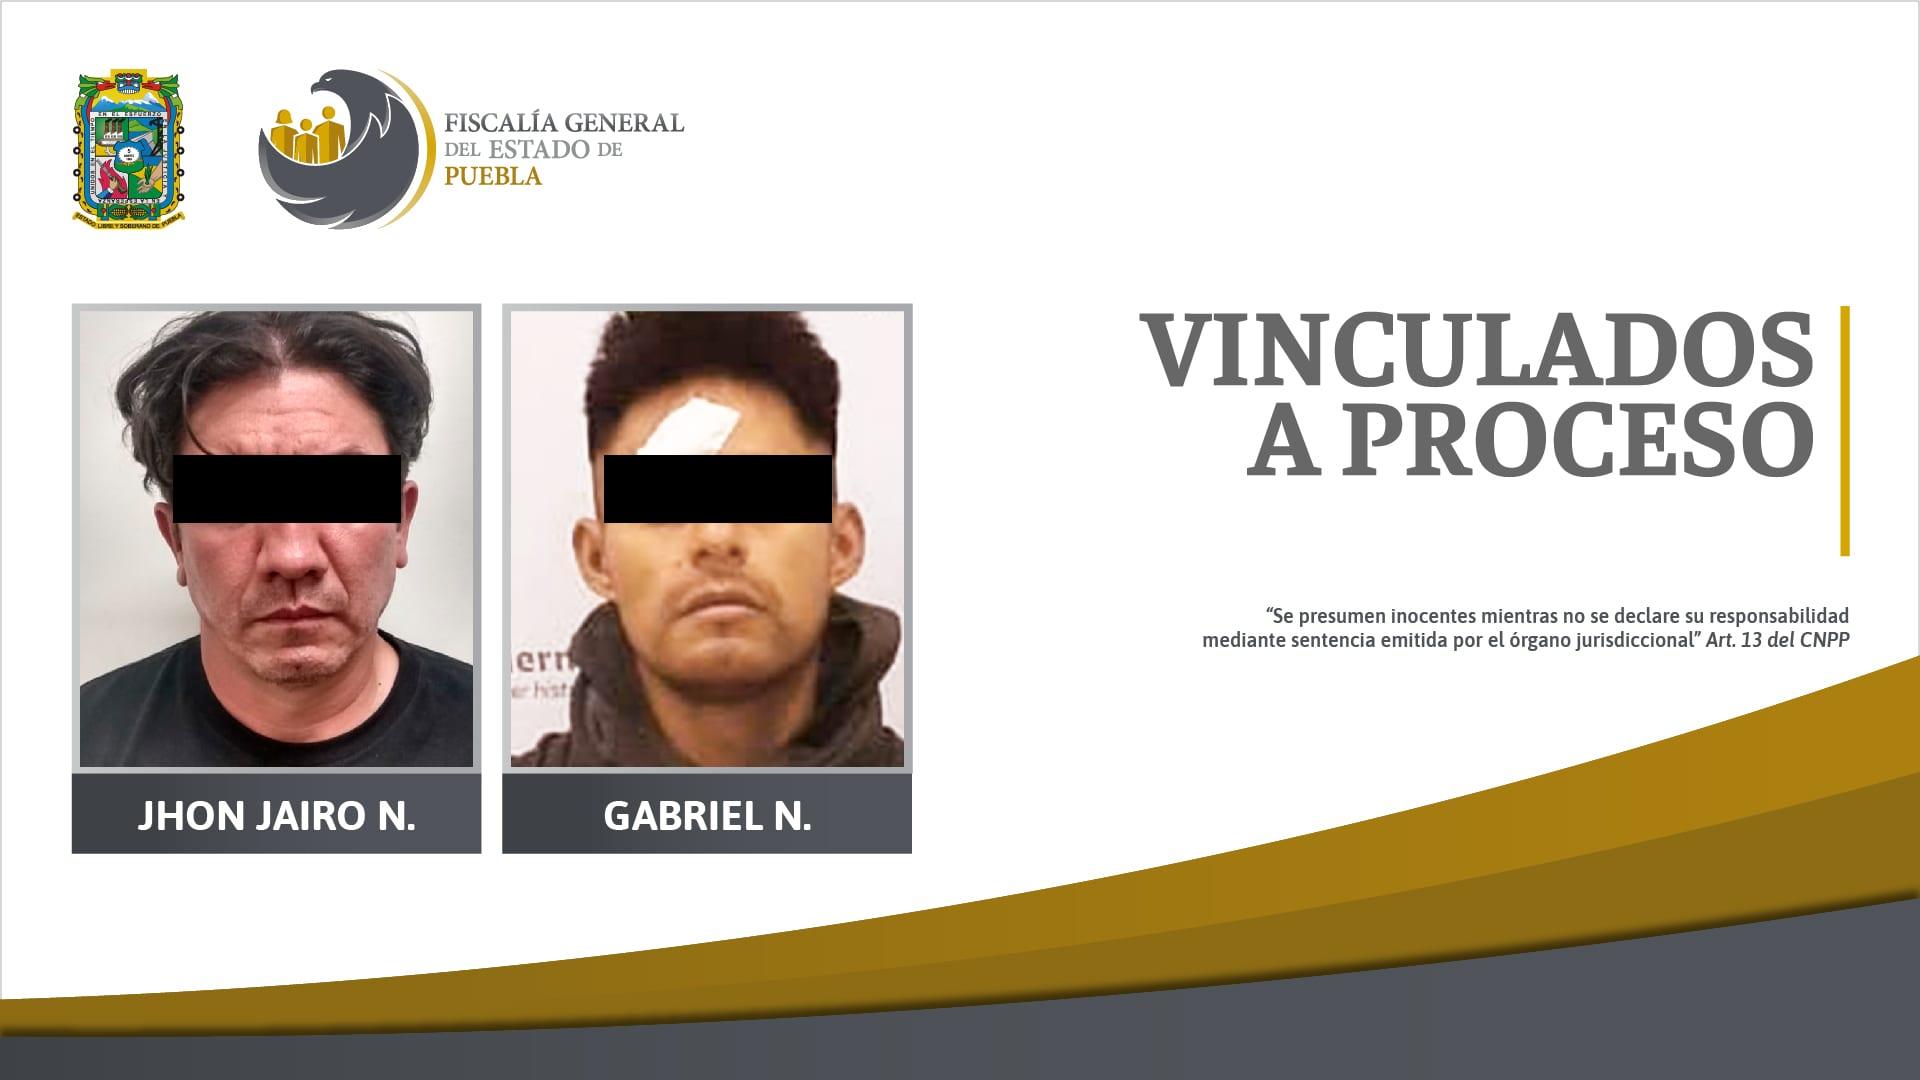 Vinculados a proceso dos detenidos por posesión de drogas